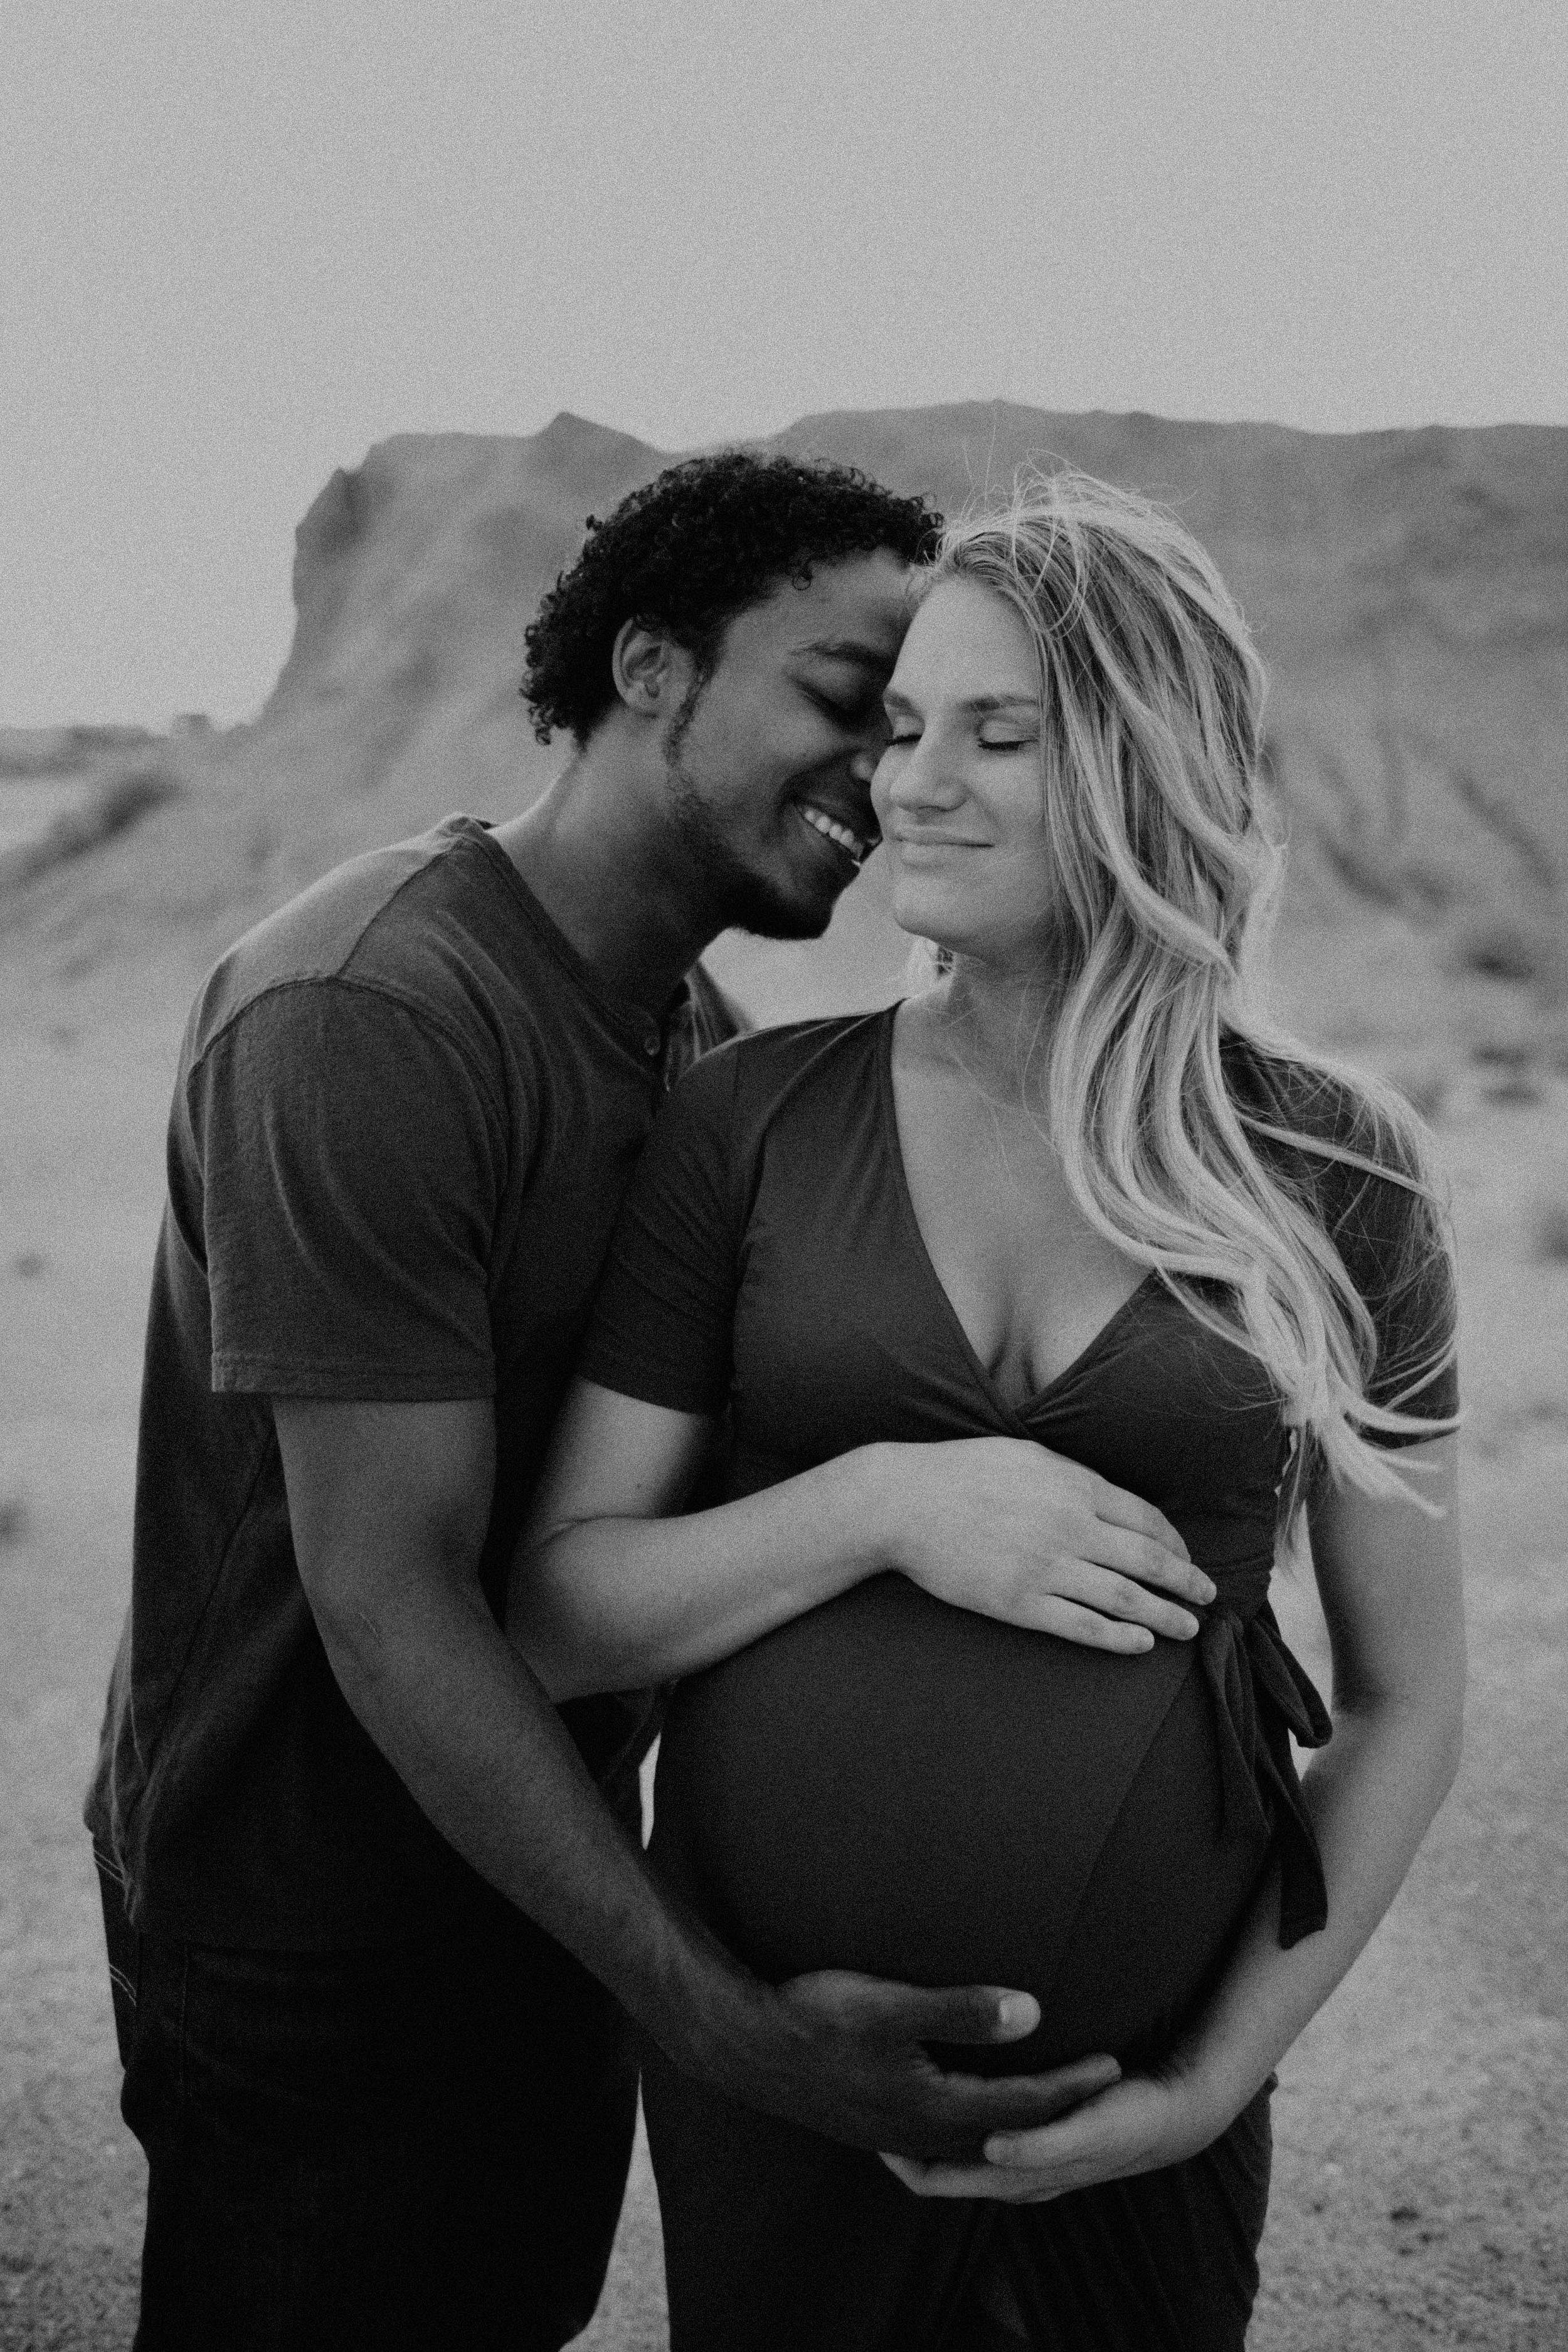 Kailee Ann Photography | Fine Art Portrait Photographer Lubbock Texas | Maternity Photos